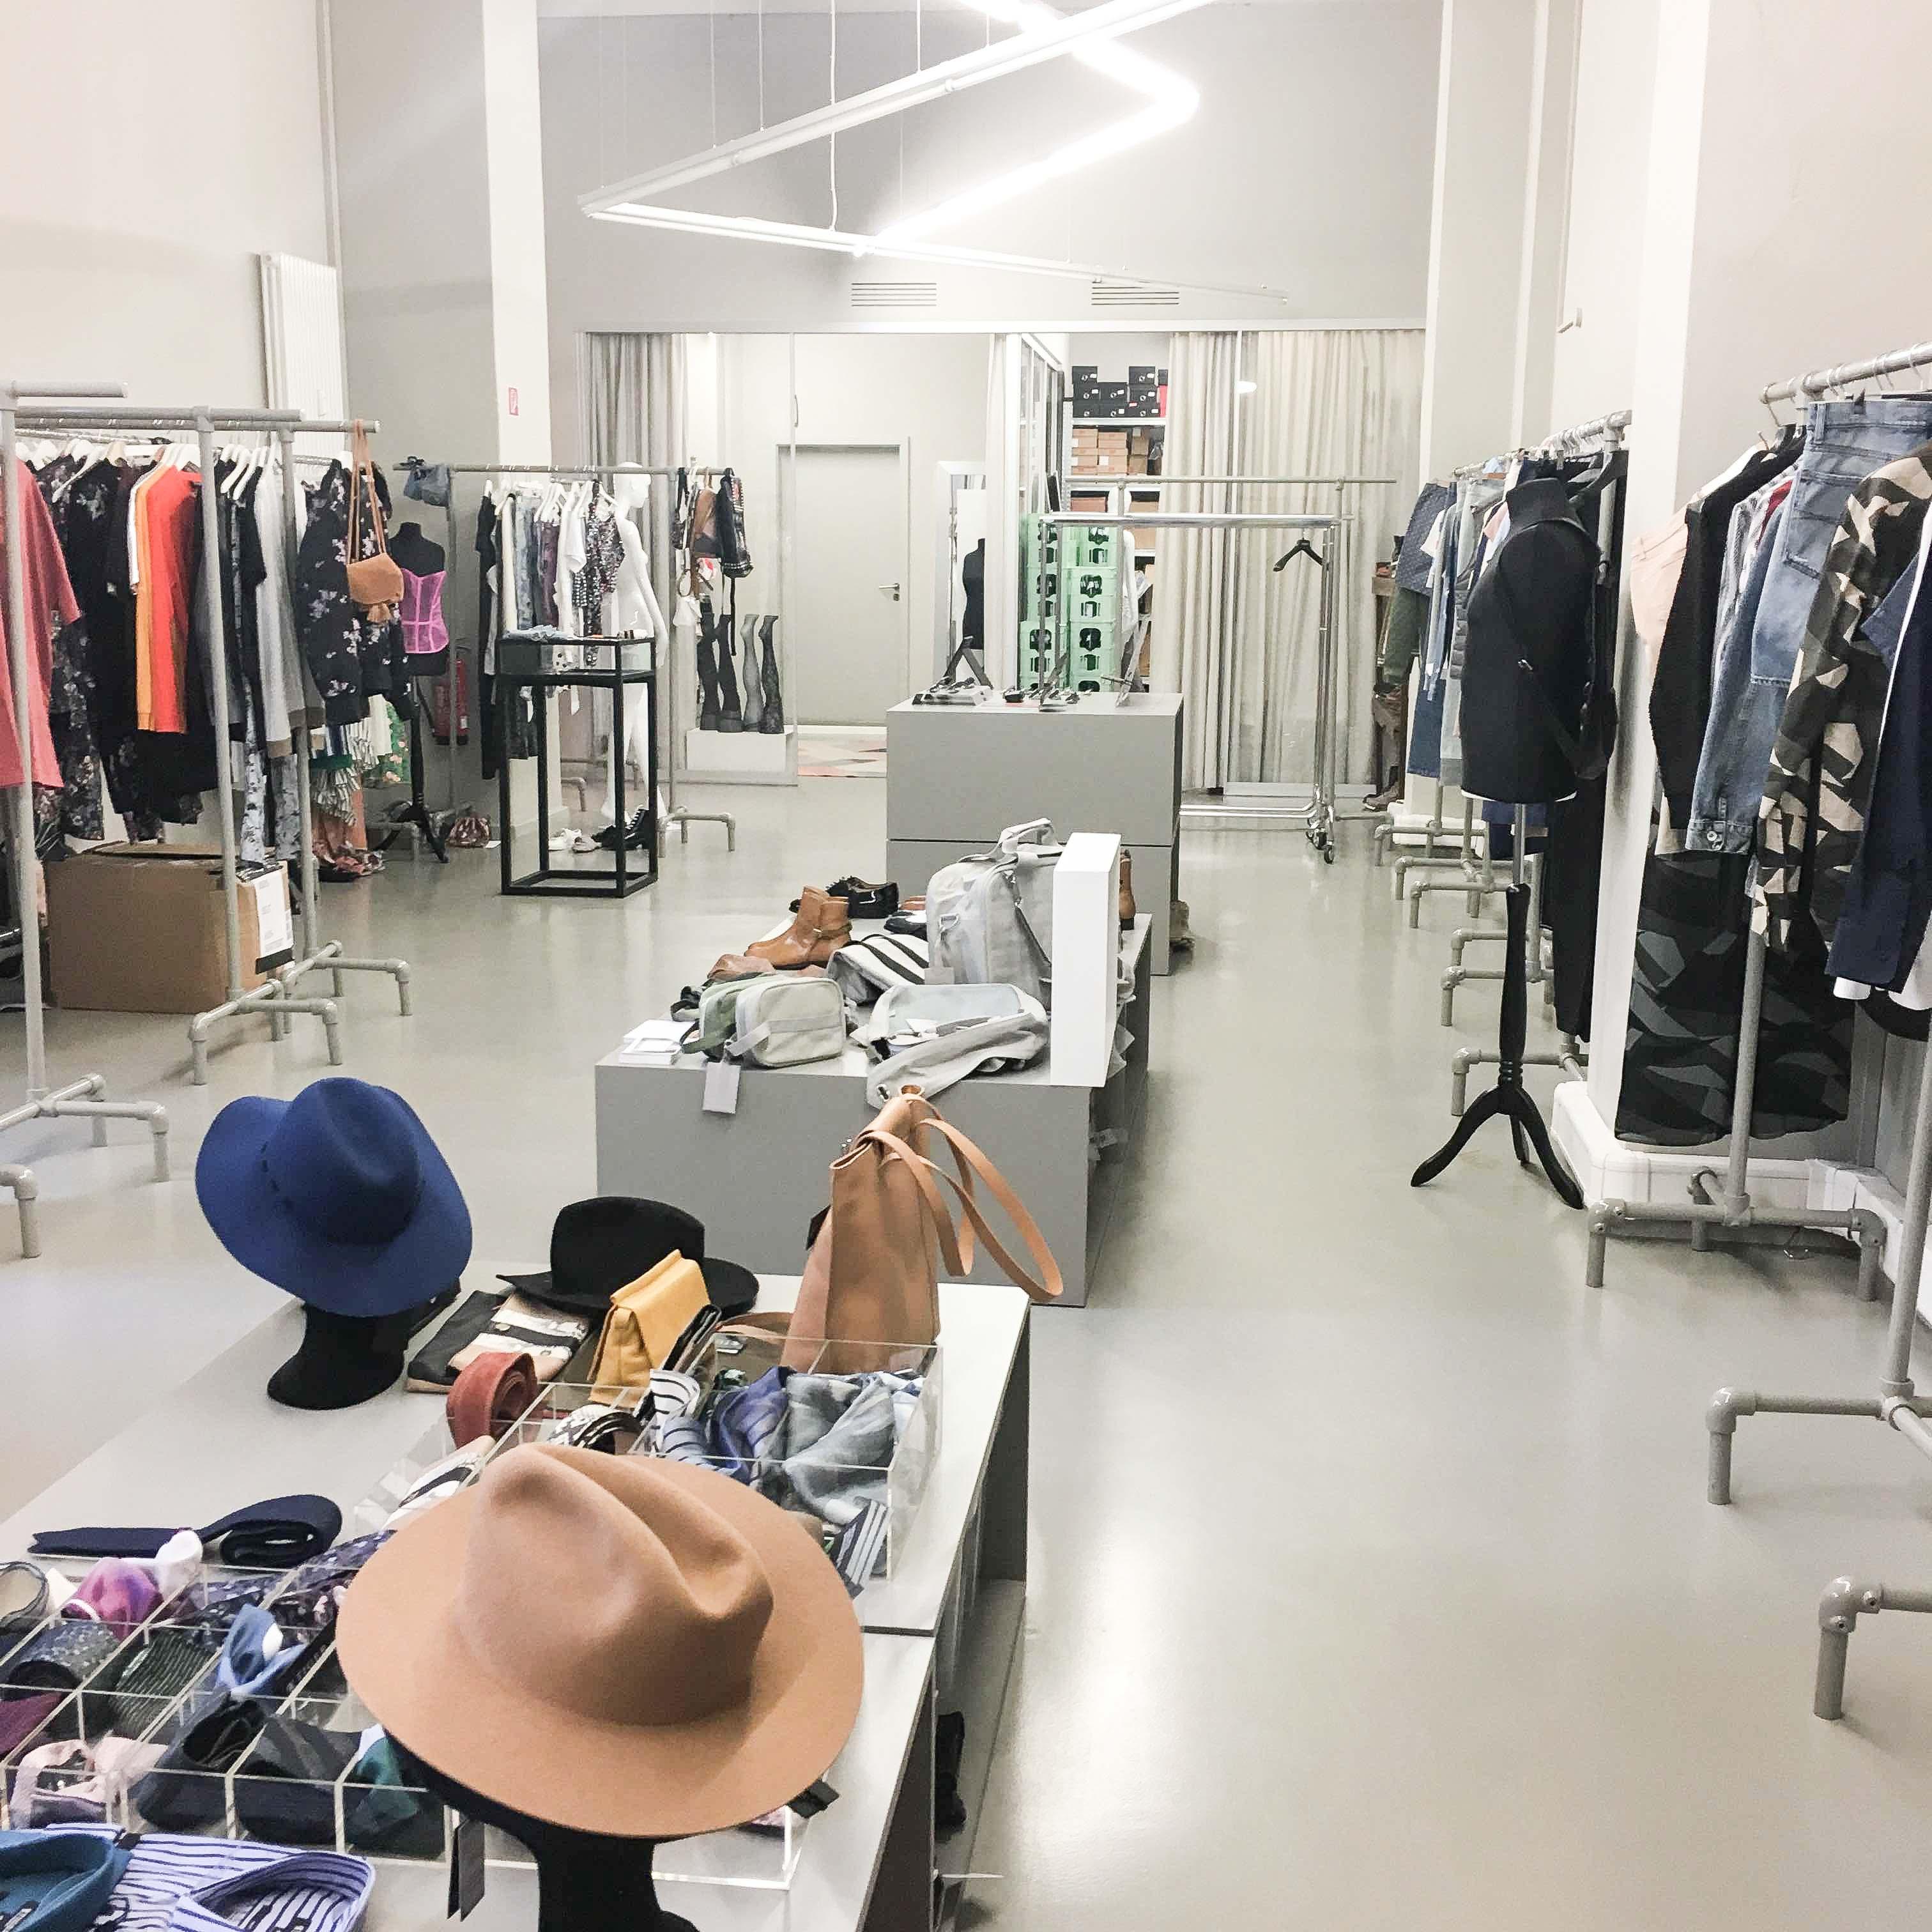 Klara-Fuchs-Österreich-Fitness-Lifestyle-Blog-Fashion-Week-Berlin-4